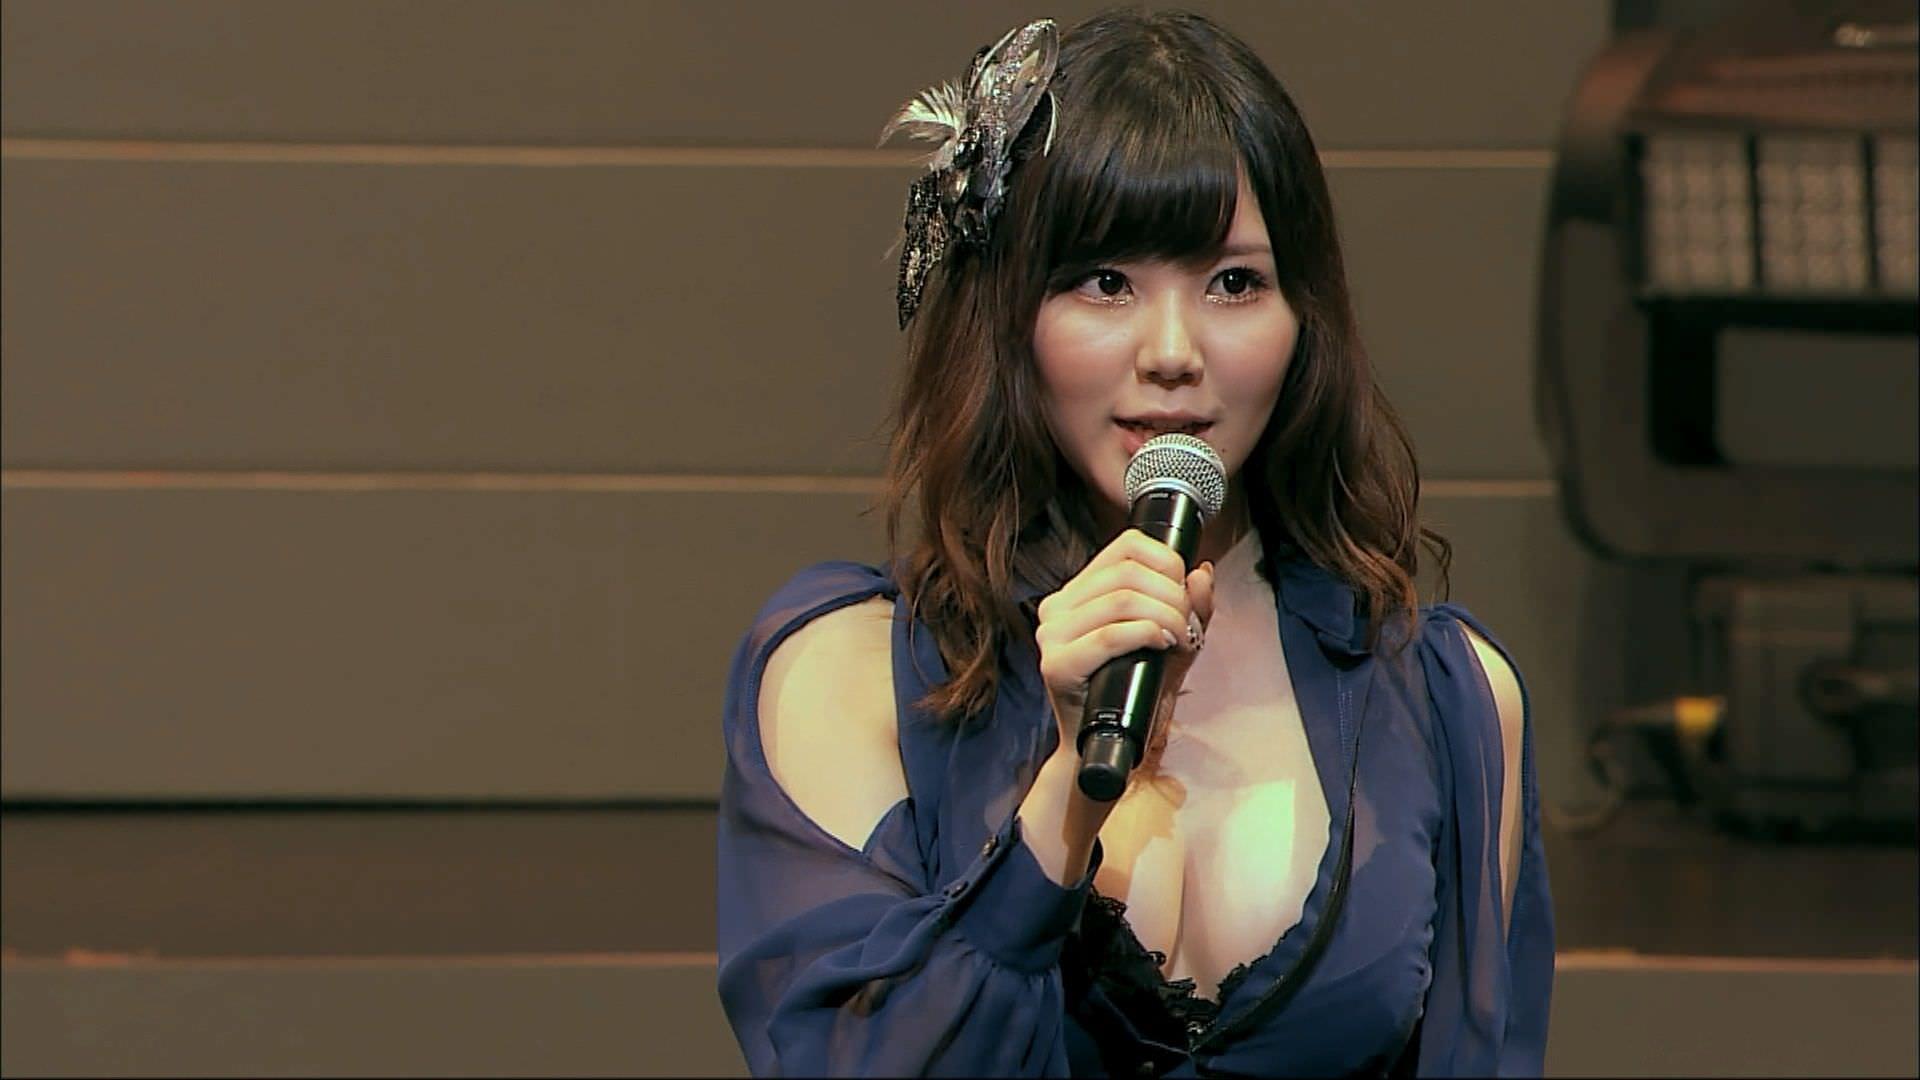 【驚愕】元SKE48金子栞がアイドル時代の裏事情を暴露…「SKEにはもう戻りたくない」アイドル業界の闇深すぎwwwwwwwwwwwwwww※画像あり